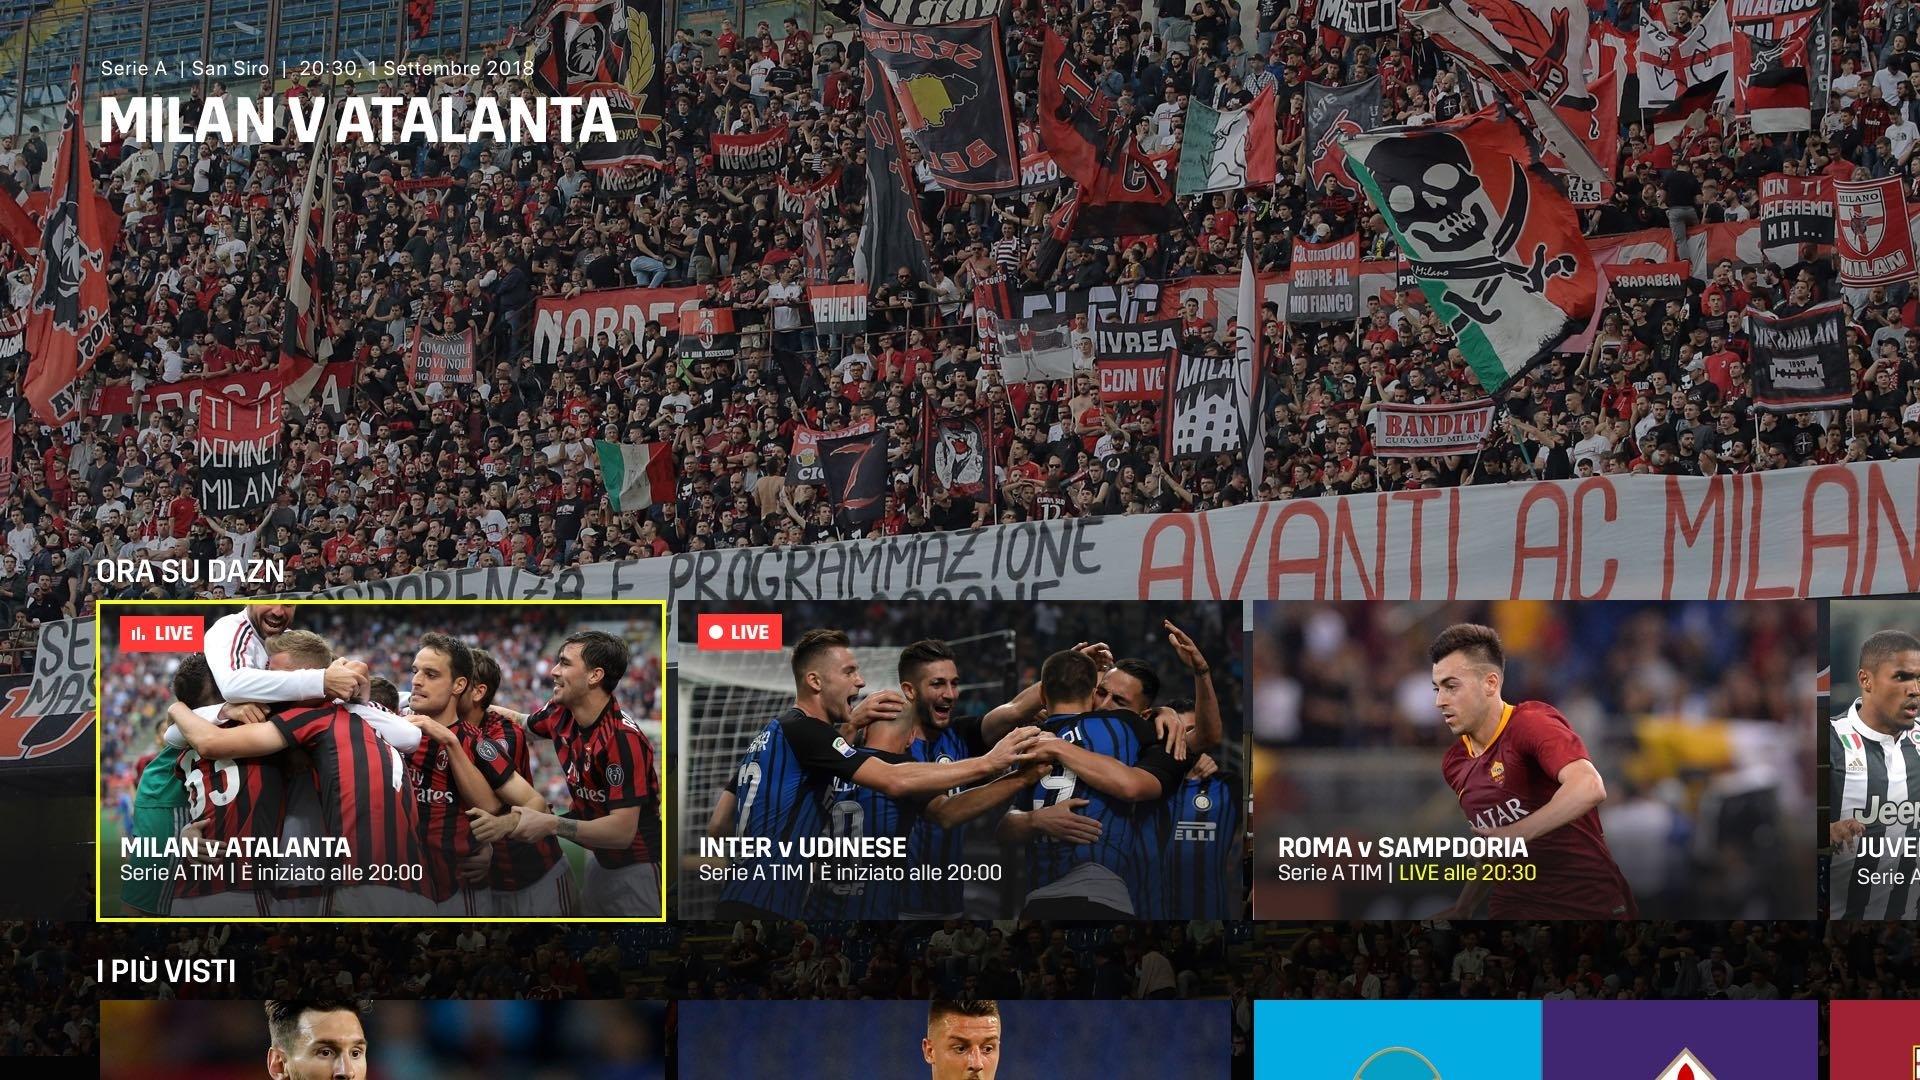 DAZN Serie A 14a Giornata - Diretta Esclusiva - Palinsesto e Telecronisti